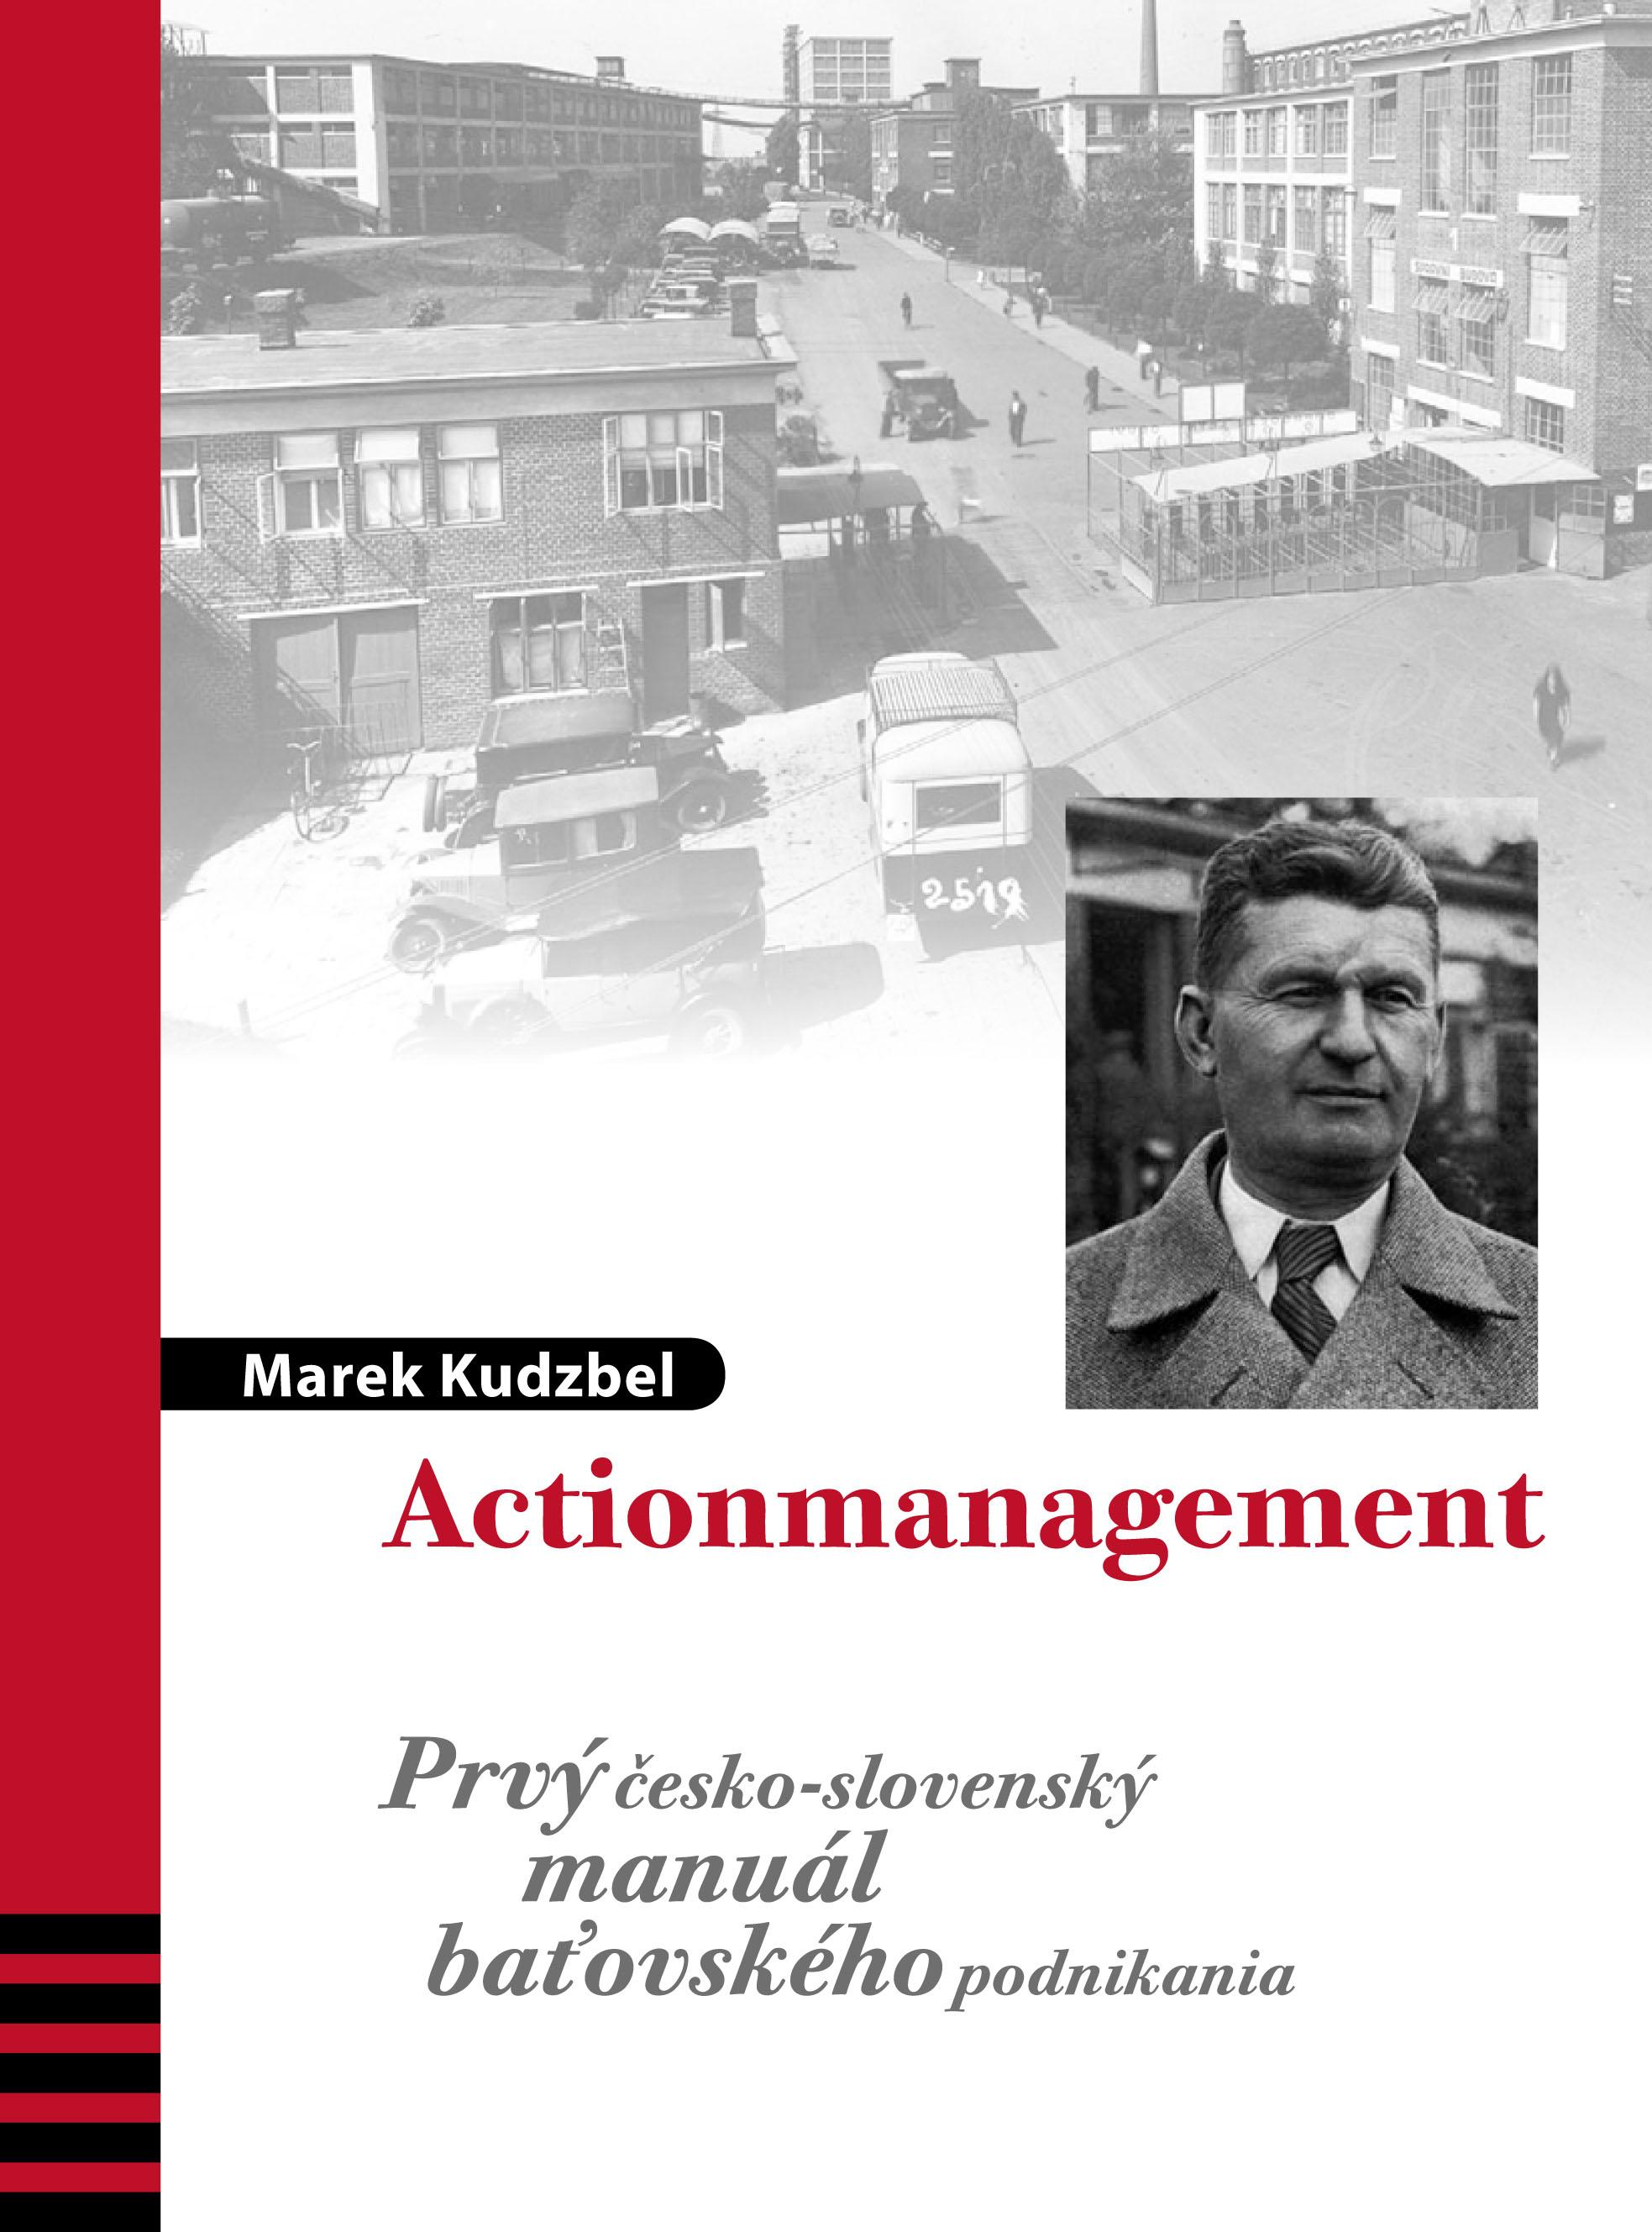 Actionmanagement - Prvý česko-slovenský manuál Baťovského podnikania